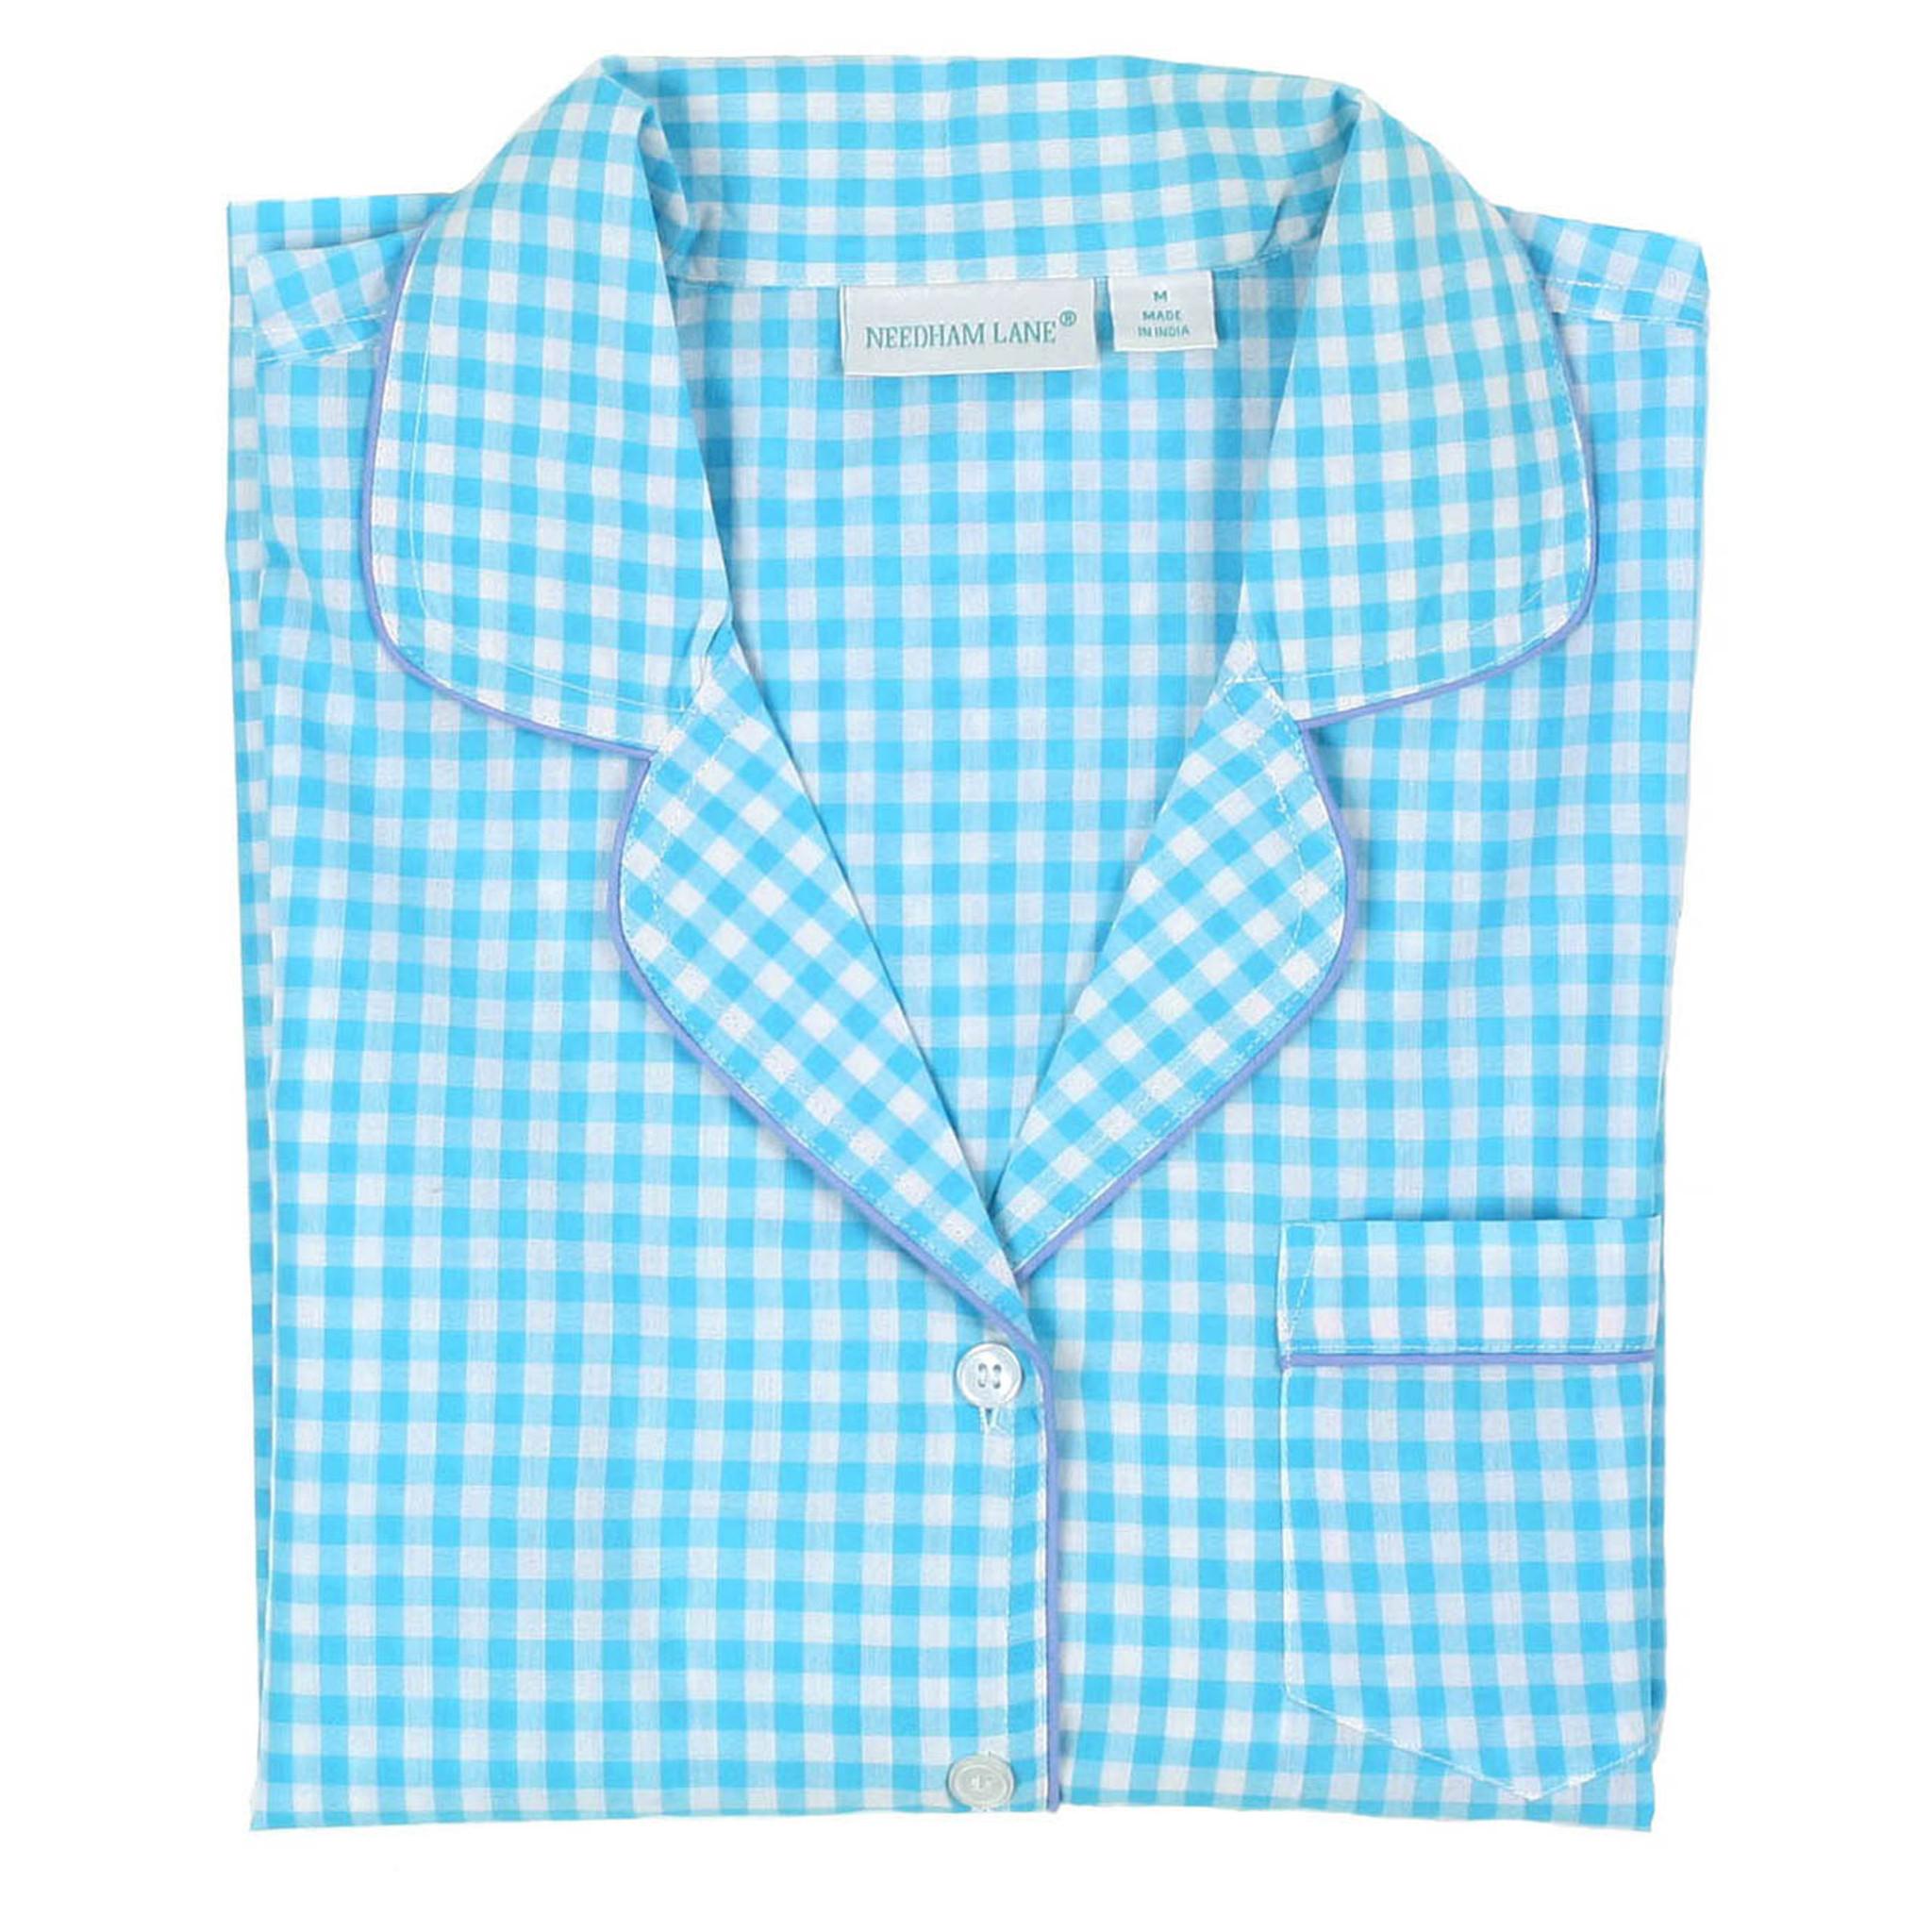 11a8b04648 Aqua Gingham Short Sleeve Pajamas - Needham Lane Ltd.